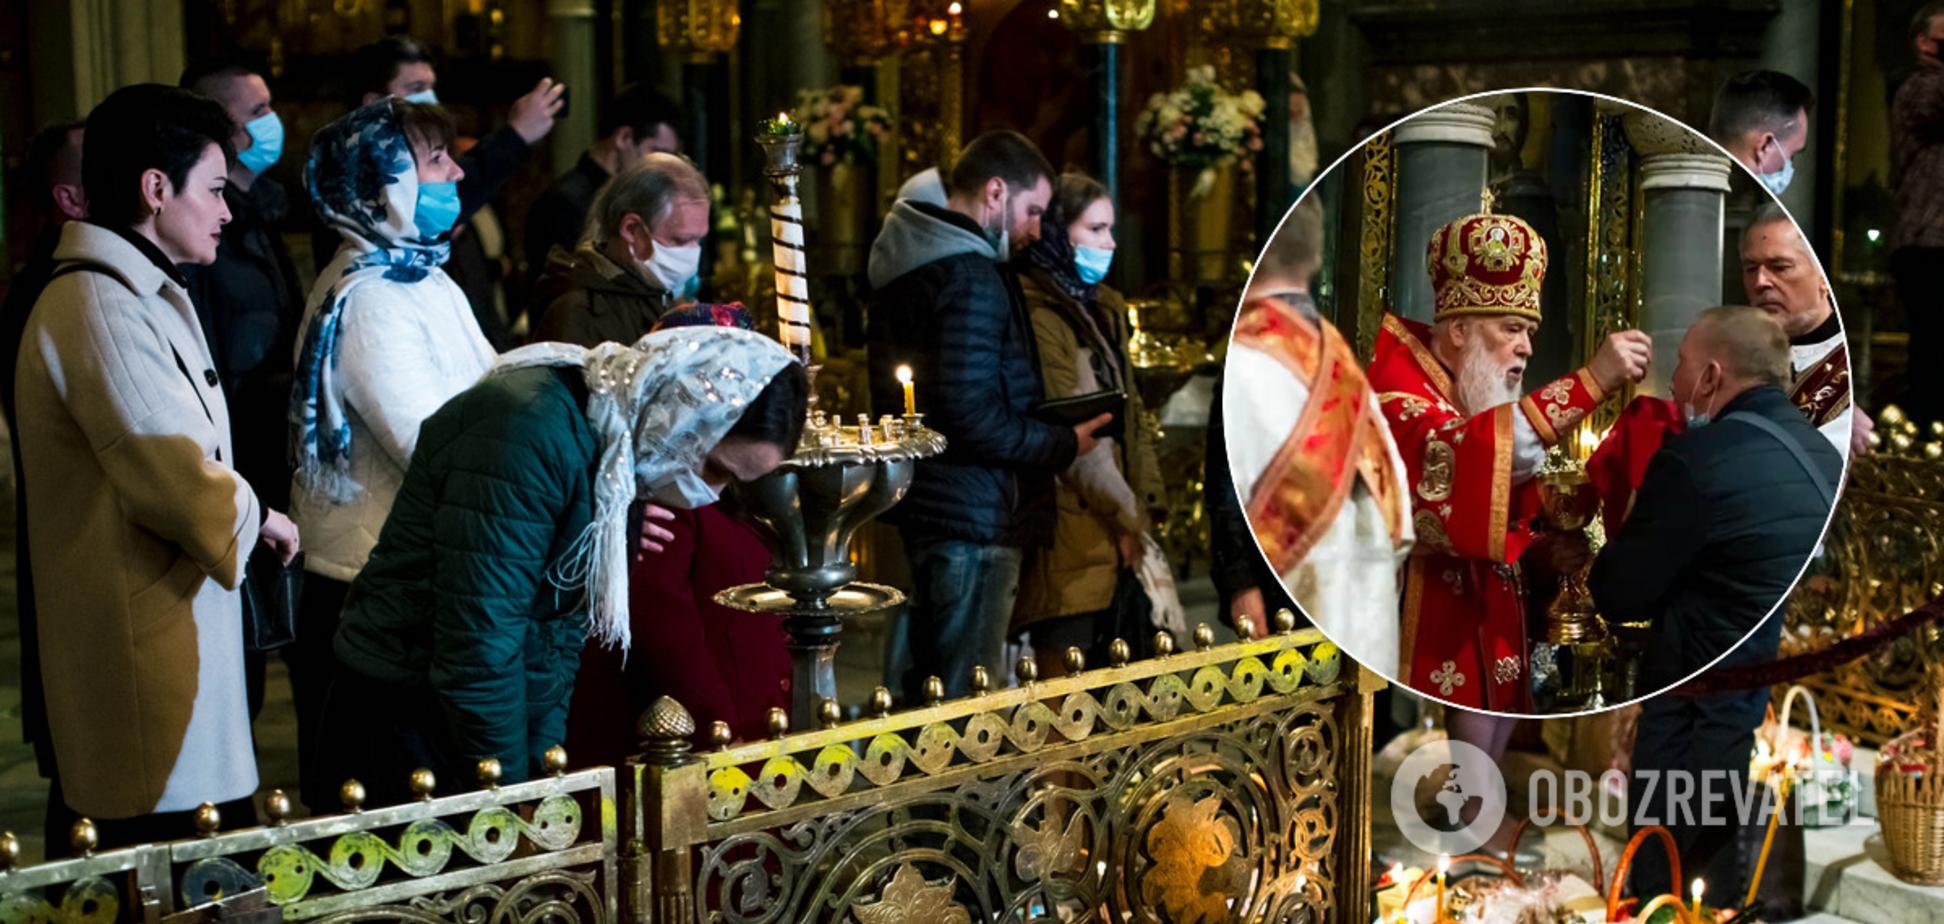 Філарет на Великдень причащав прихожан з однієї ложки і давав цілувати Біблію. Фото